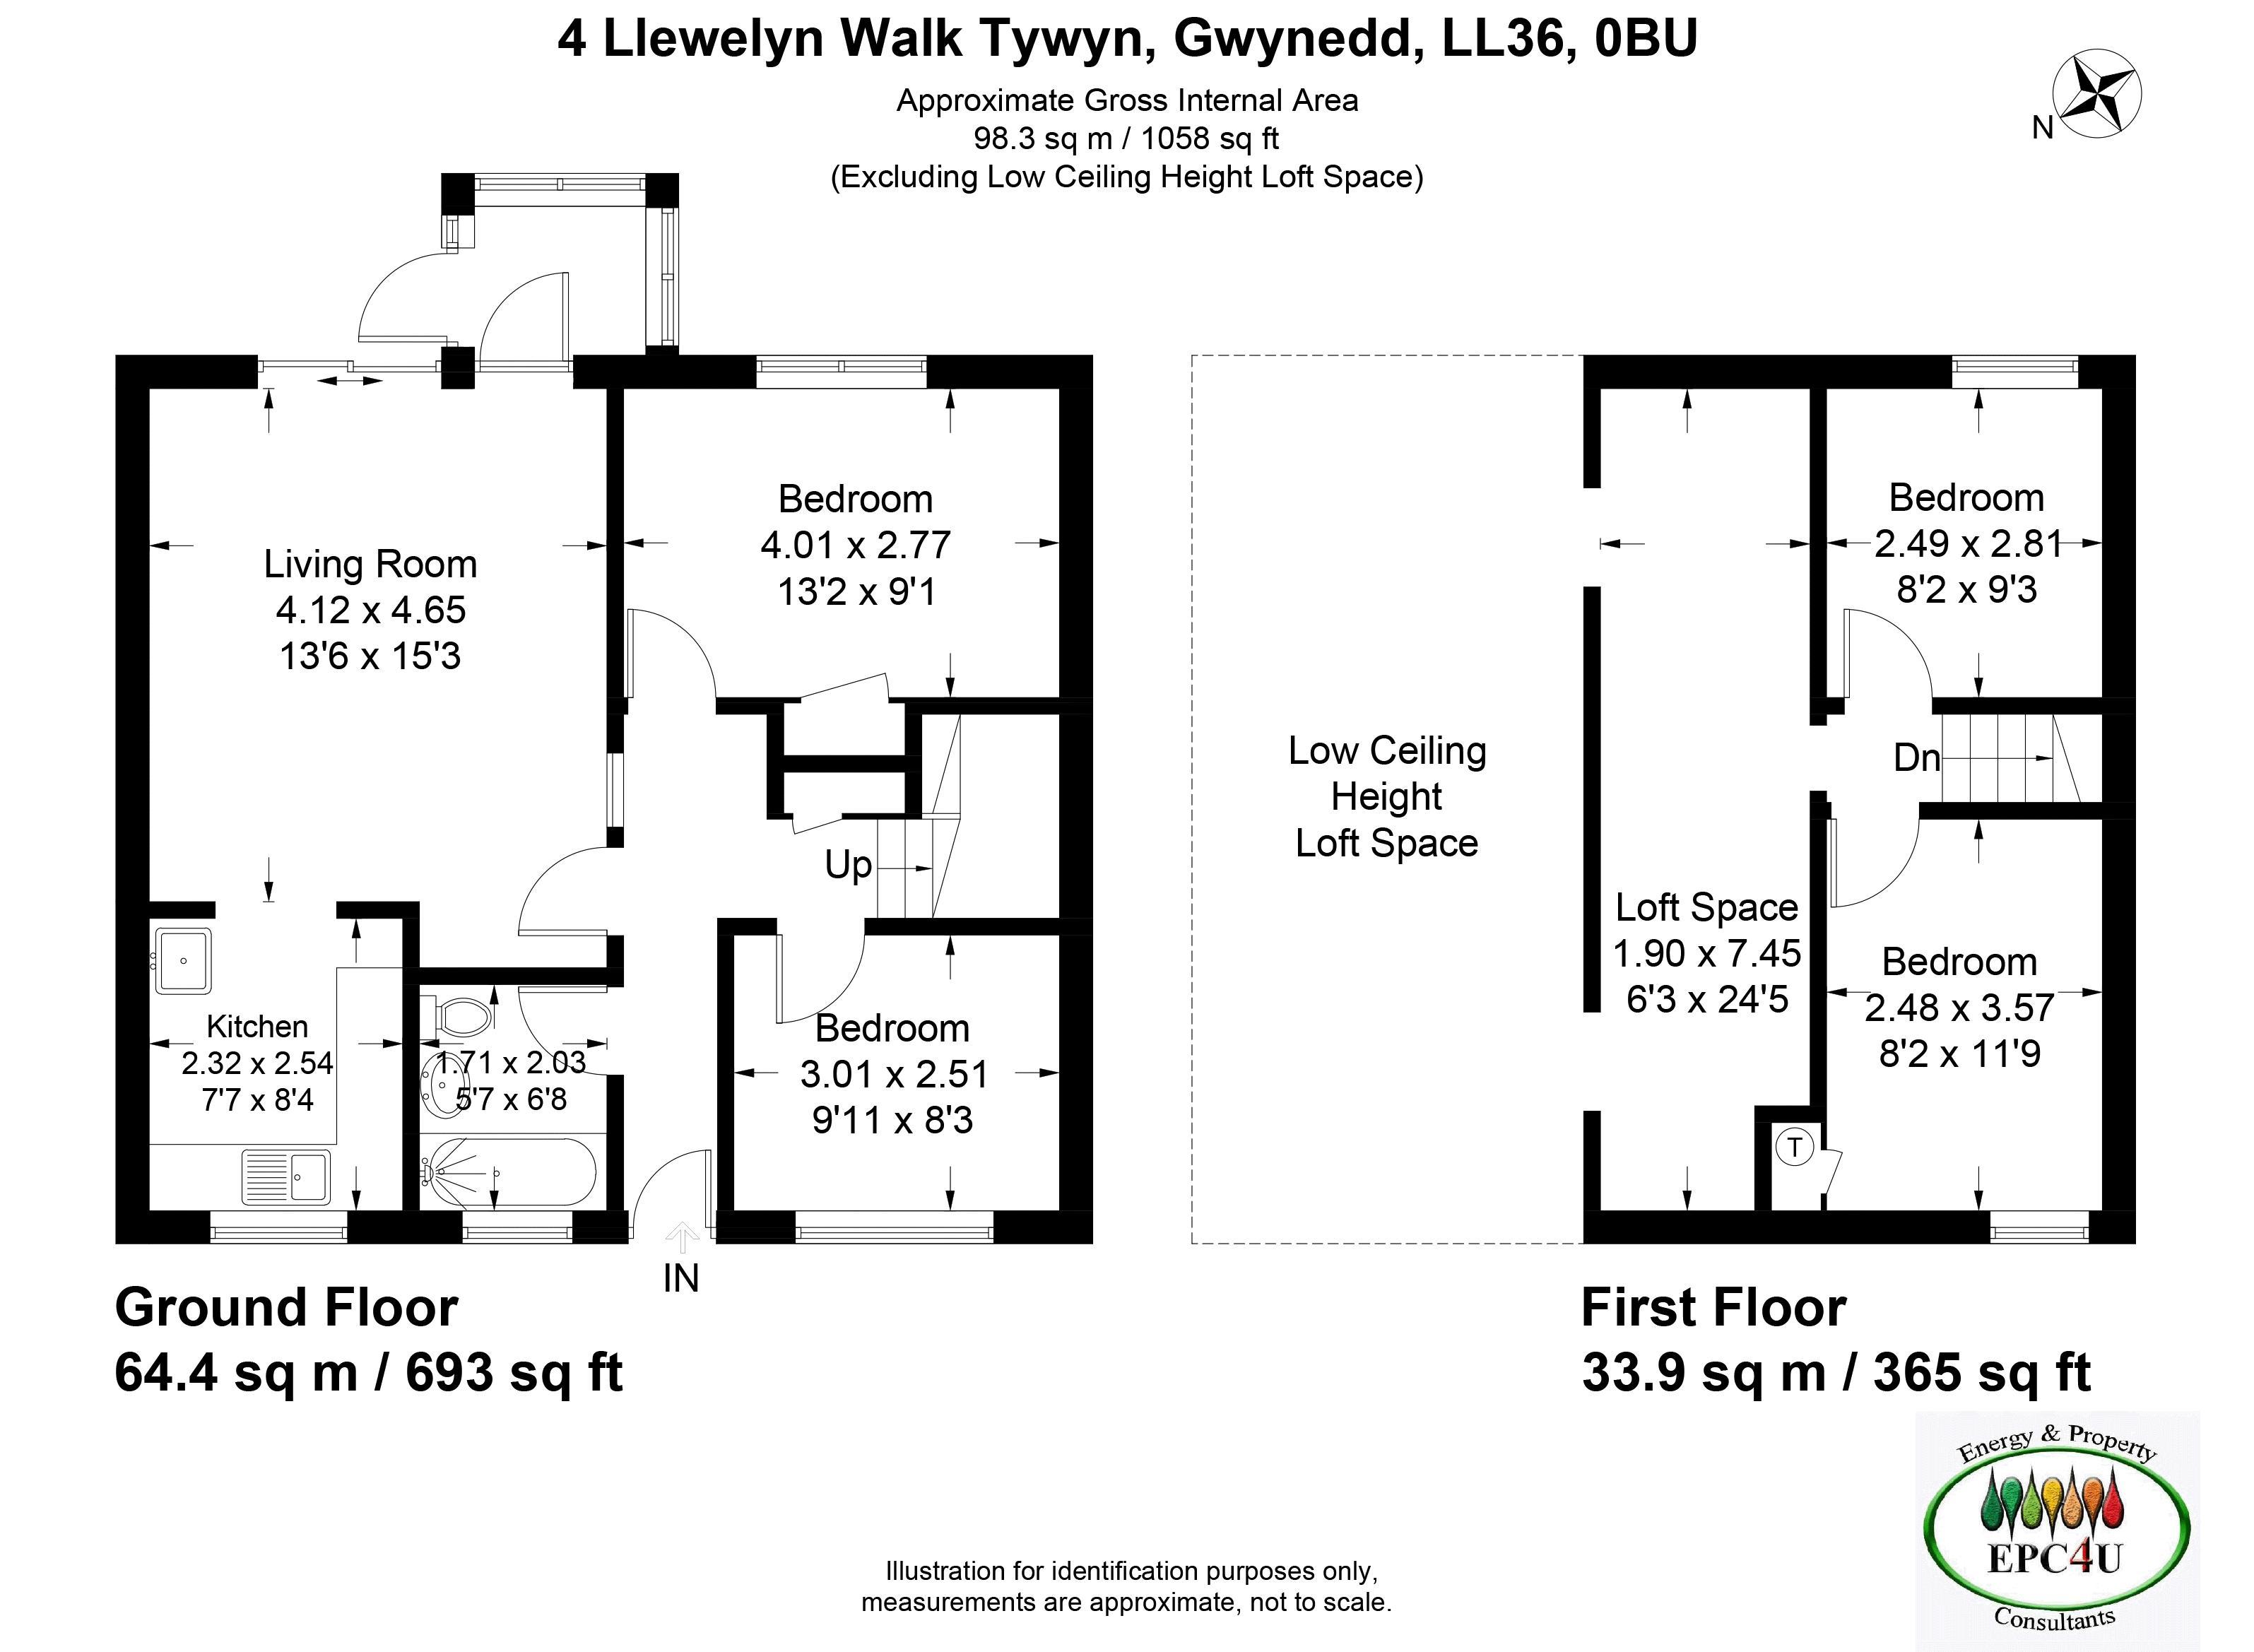 Llewelyn Walk